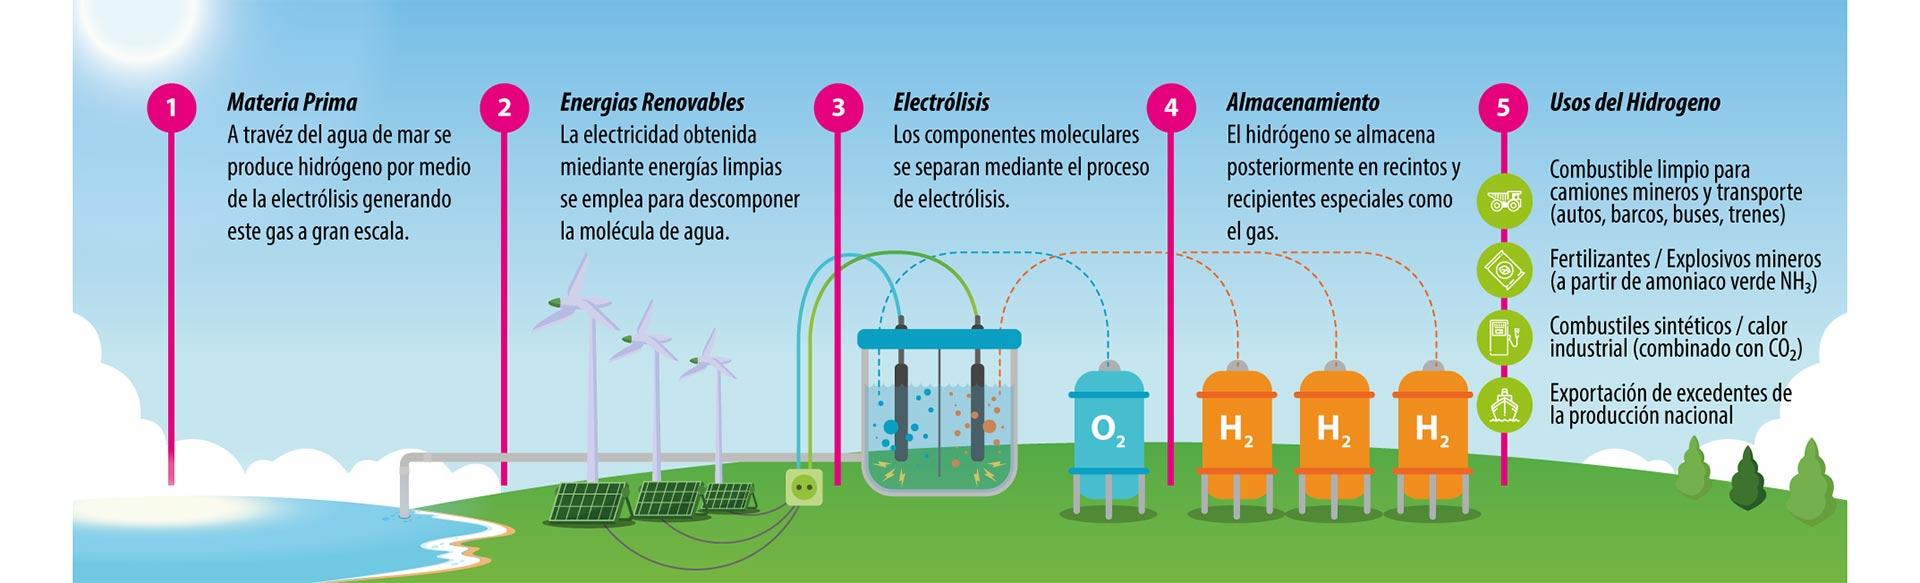 Así es el proceso de producción del hidrógeno verde (energia.gob.cl)